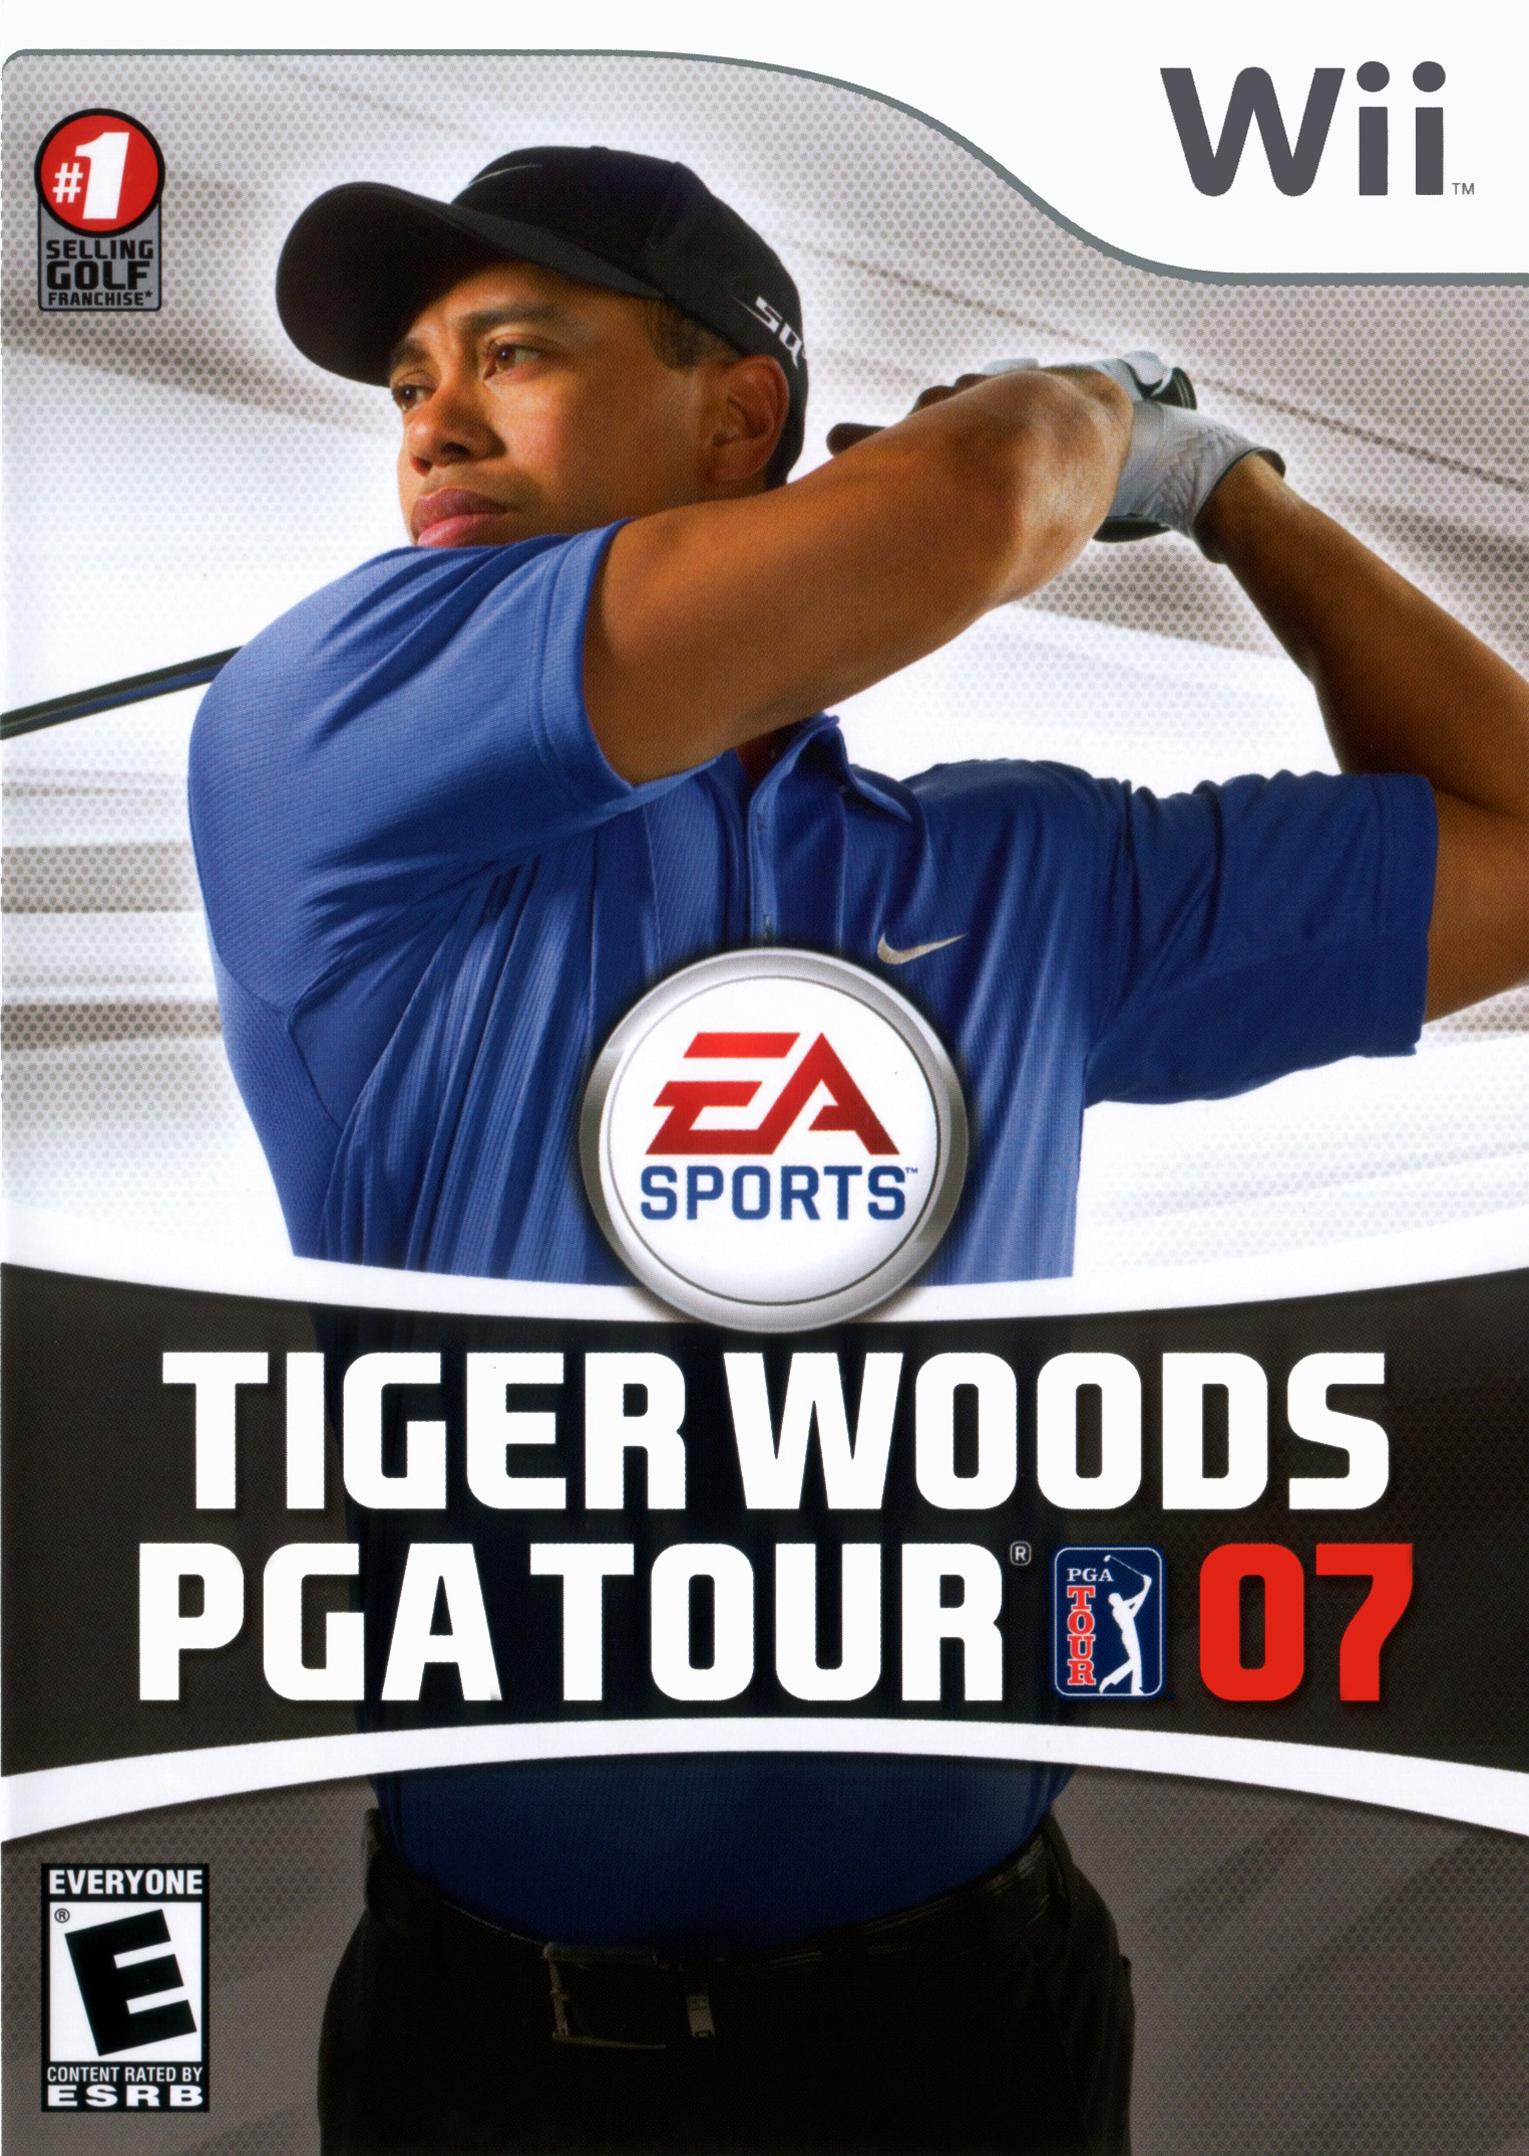 Tiger Woods PGA Tour 07/Wii